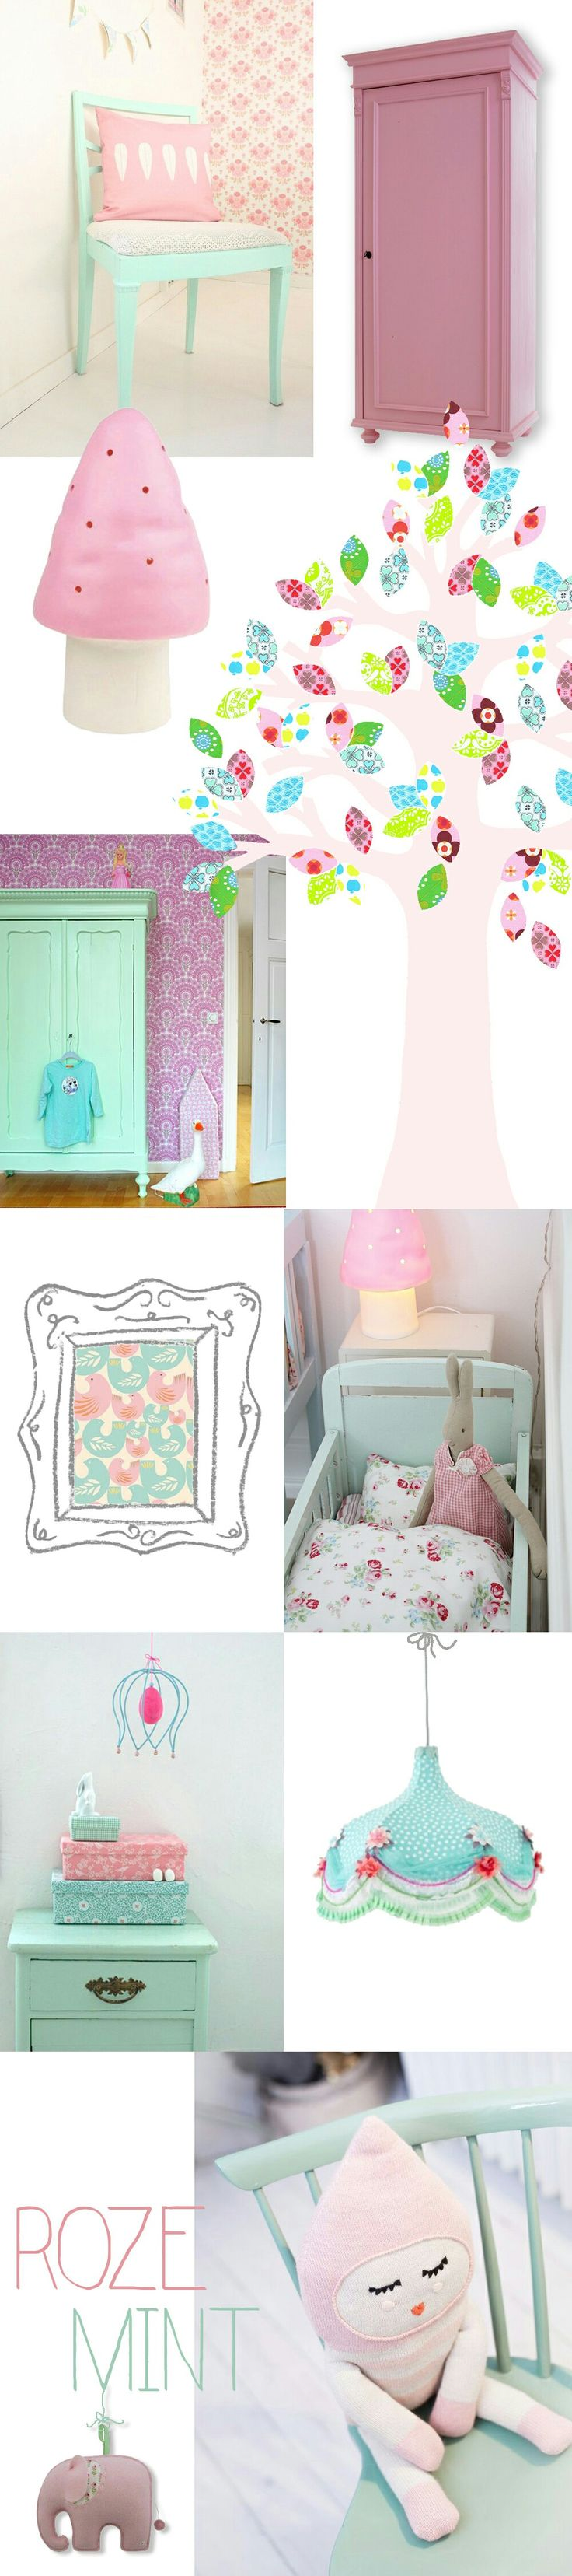 Girls Bedroom Girl Rooms Kidsroom Playrooms Nursery Ideas Beans Child Room Homes Bedroom Girls